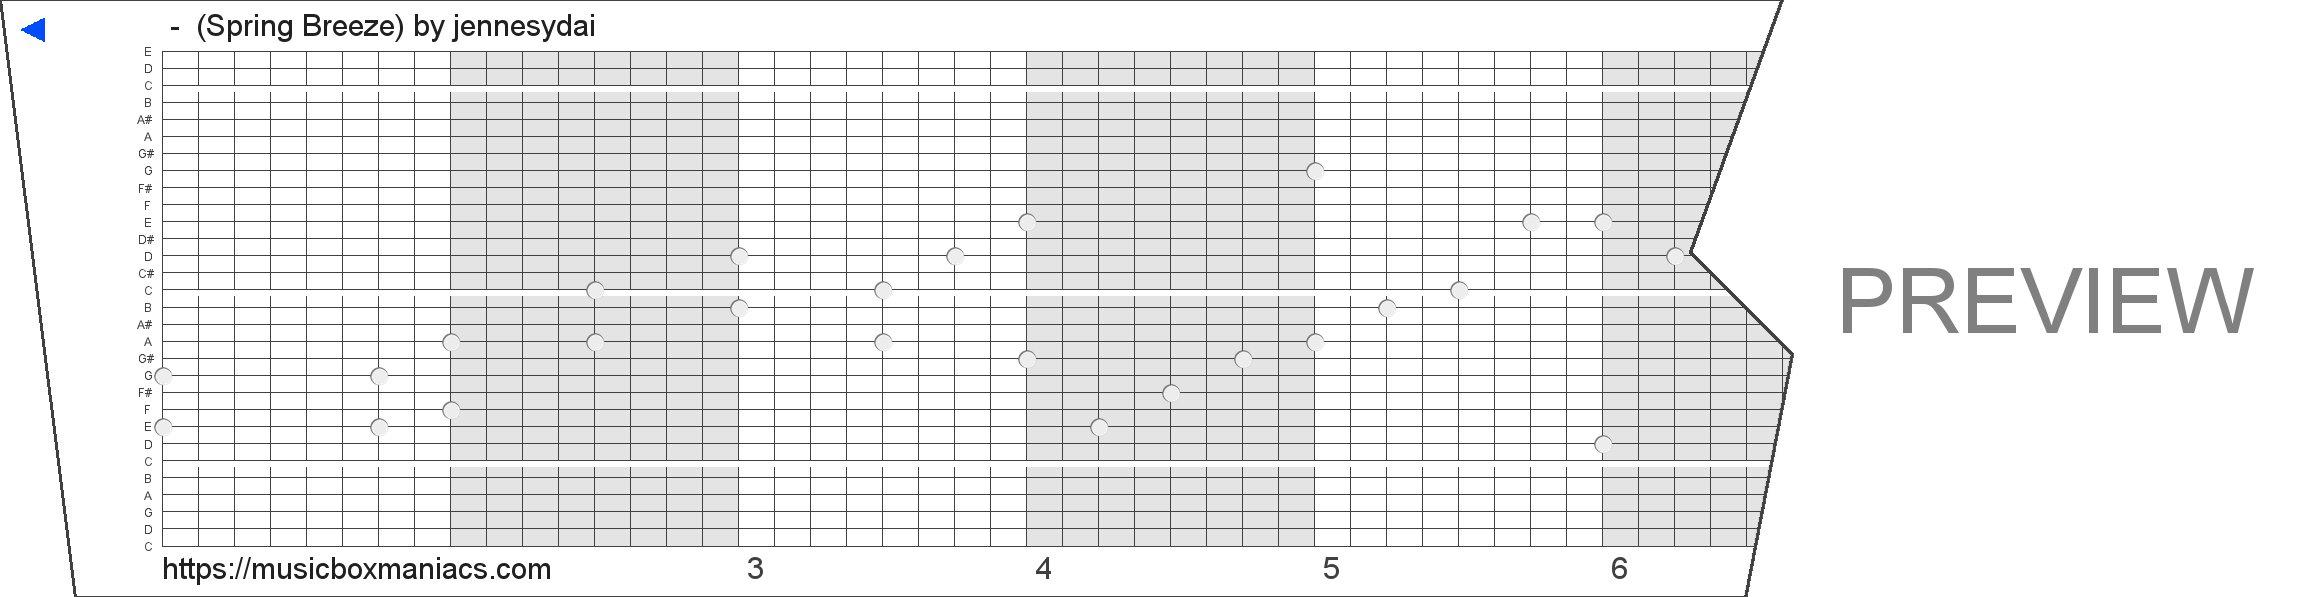 鄧雨賢 - 望春風 (Spring Breeze) 30 note music box paper strip